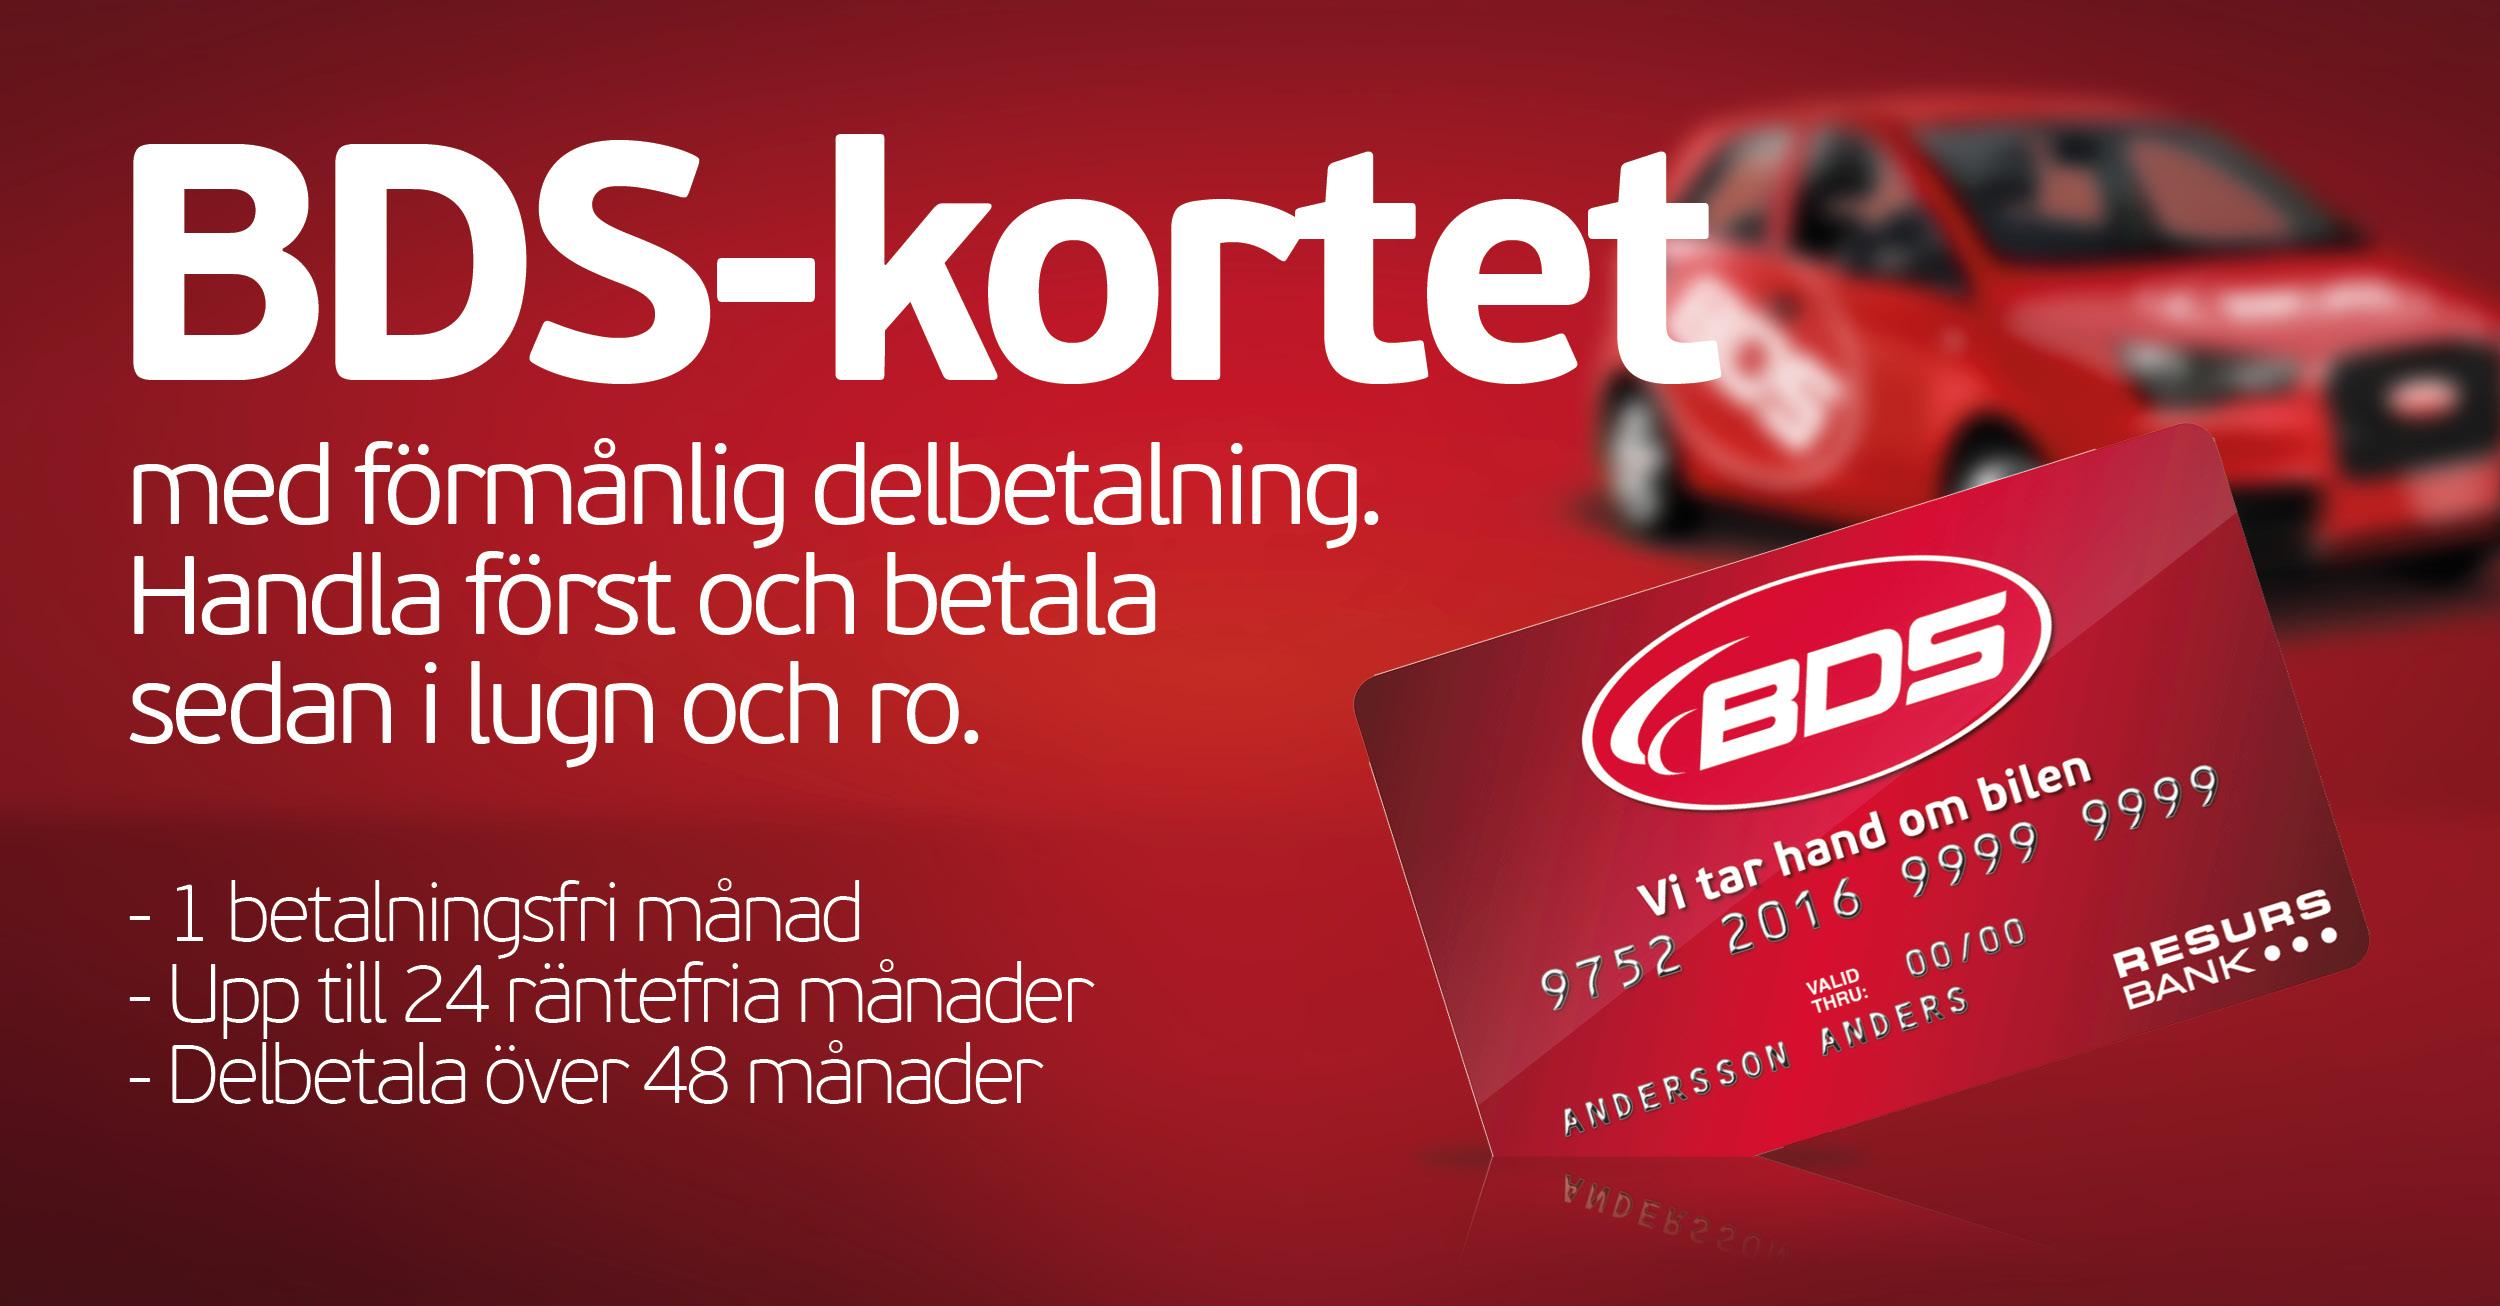 BDS-kortet